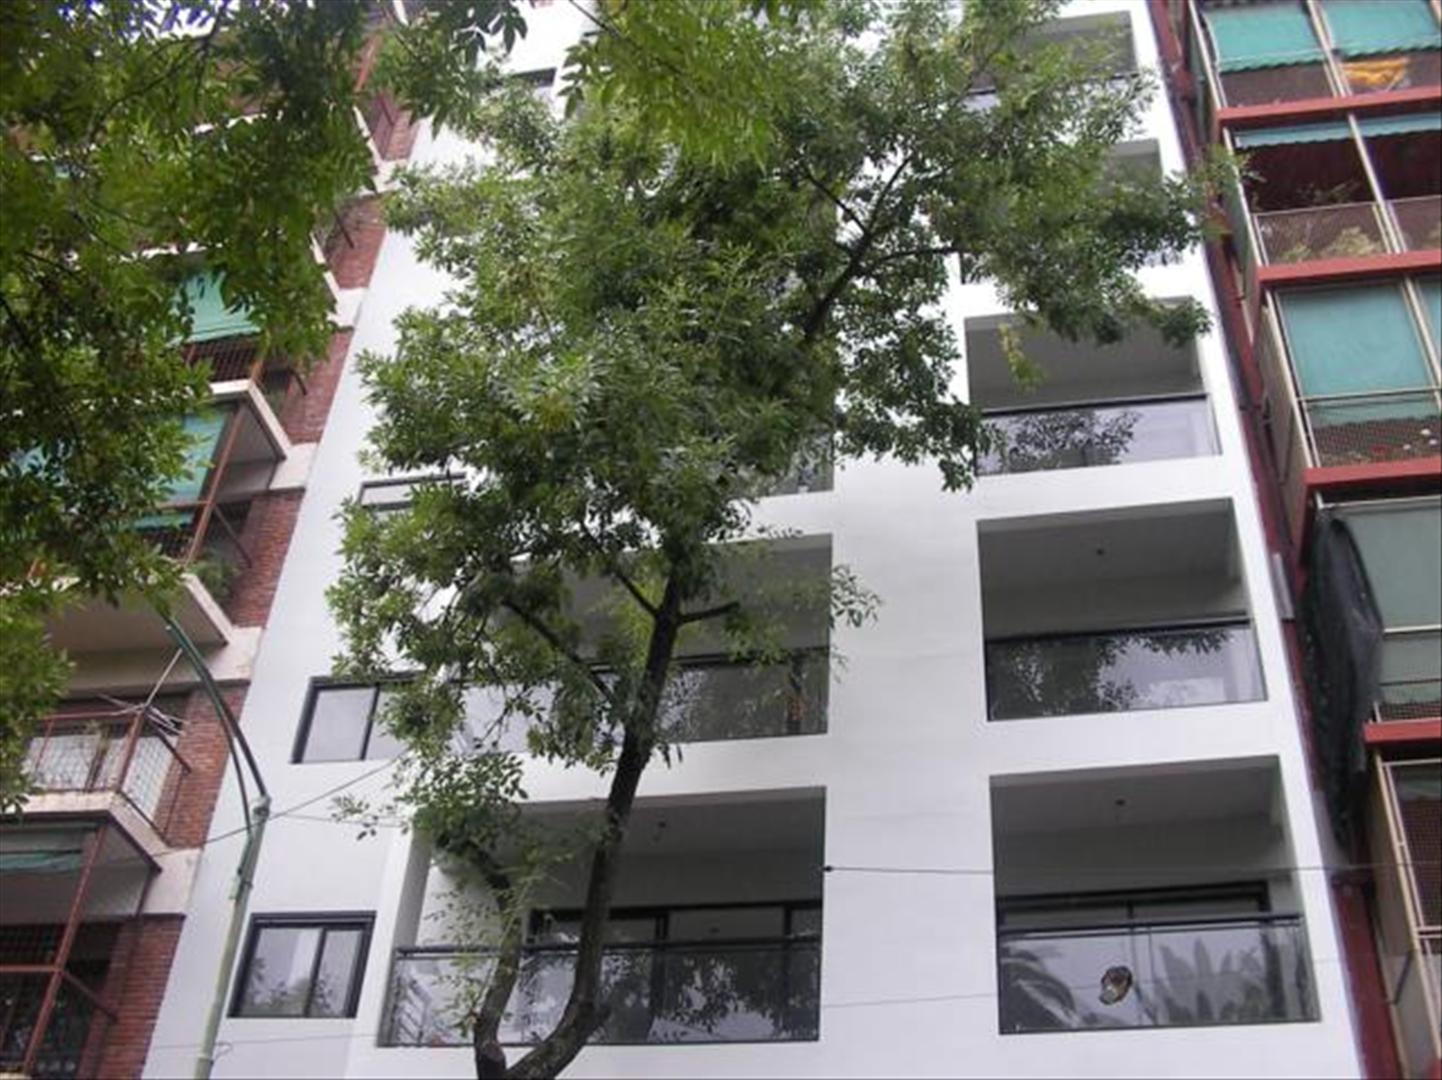 Departamento en Venta 2 amb 50 m2 con cochera fija cubierta - ctra.fte. con balcon